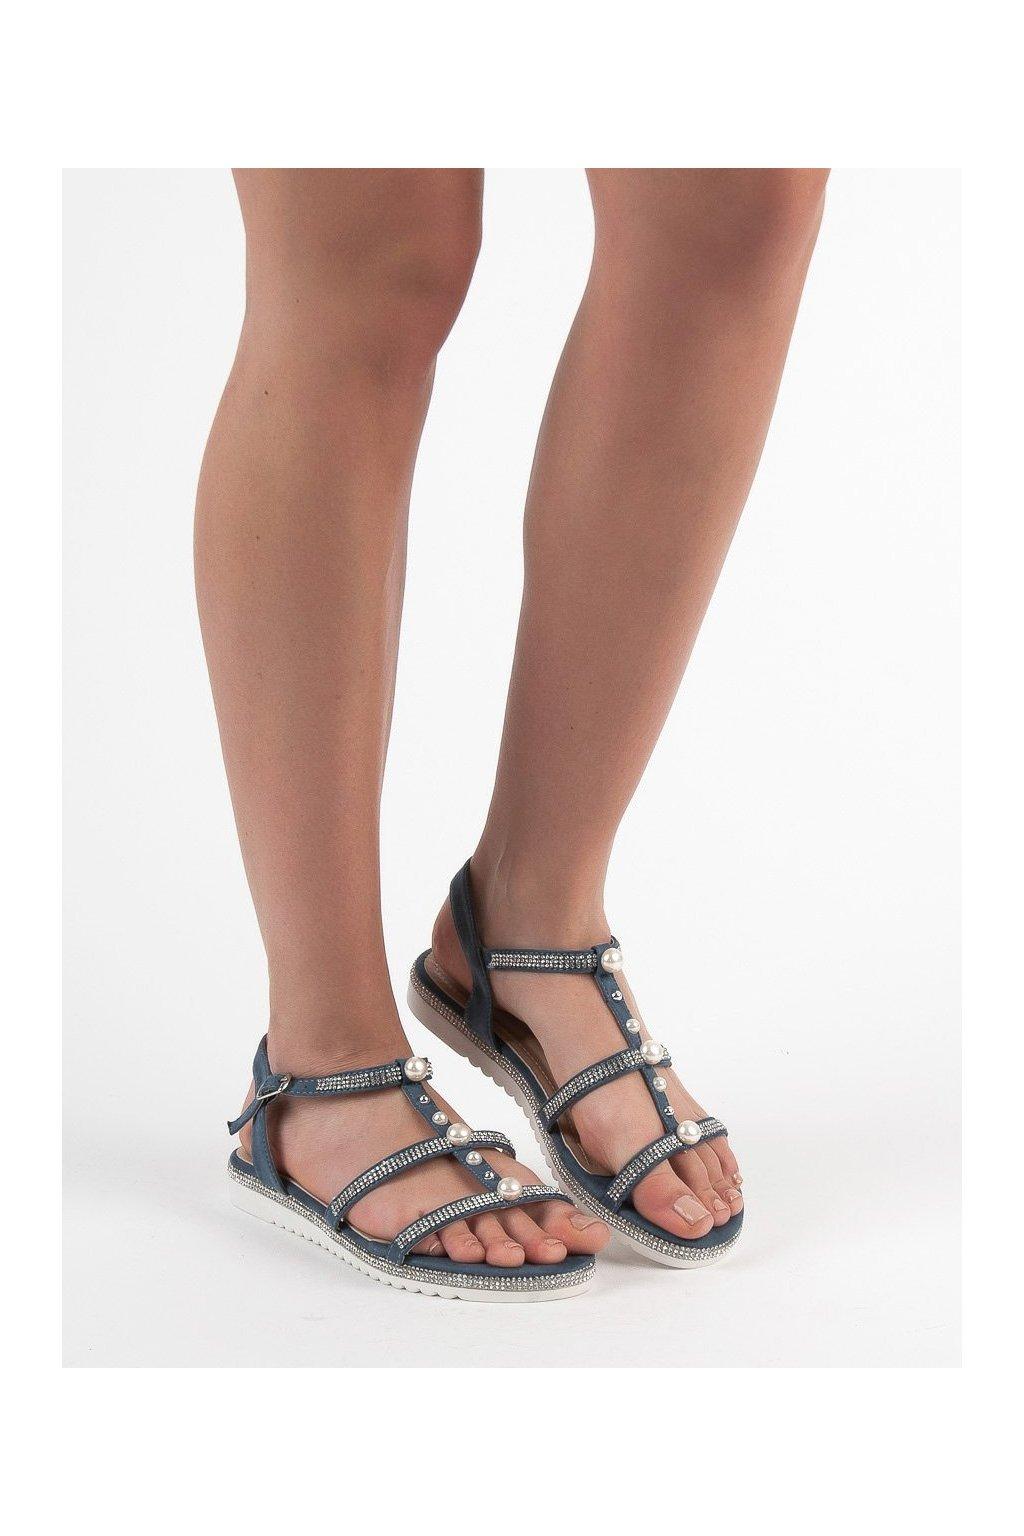 Modré sandále - Guapissima kod H88-7AZ